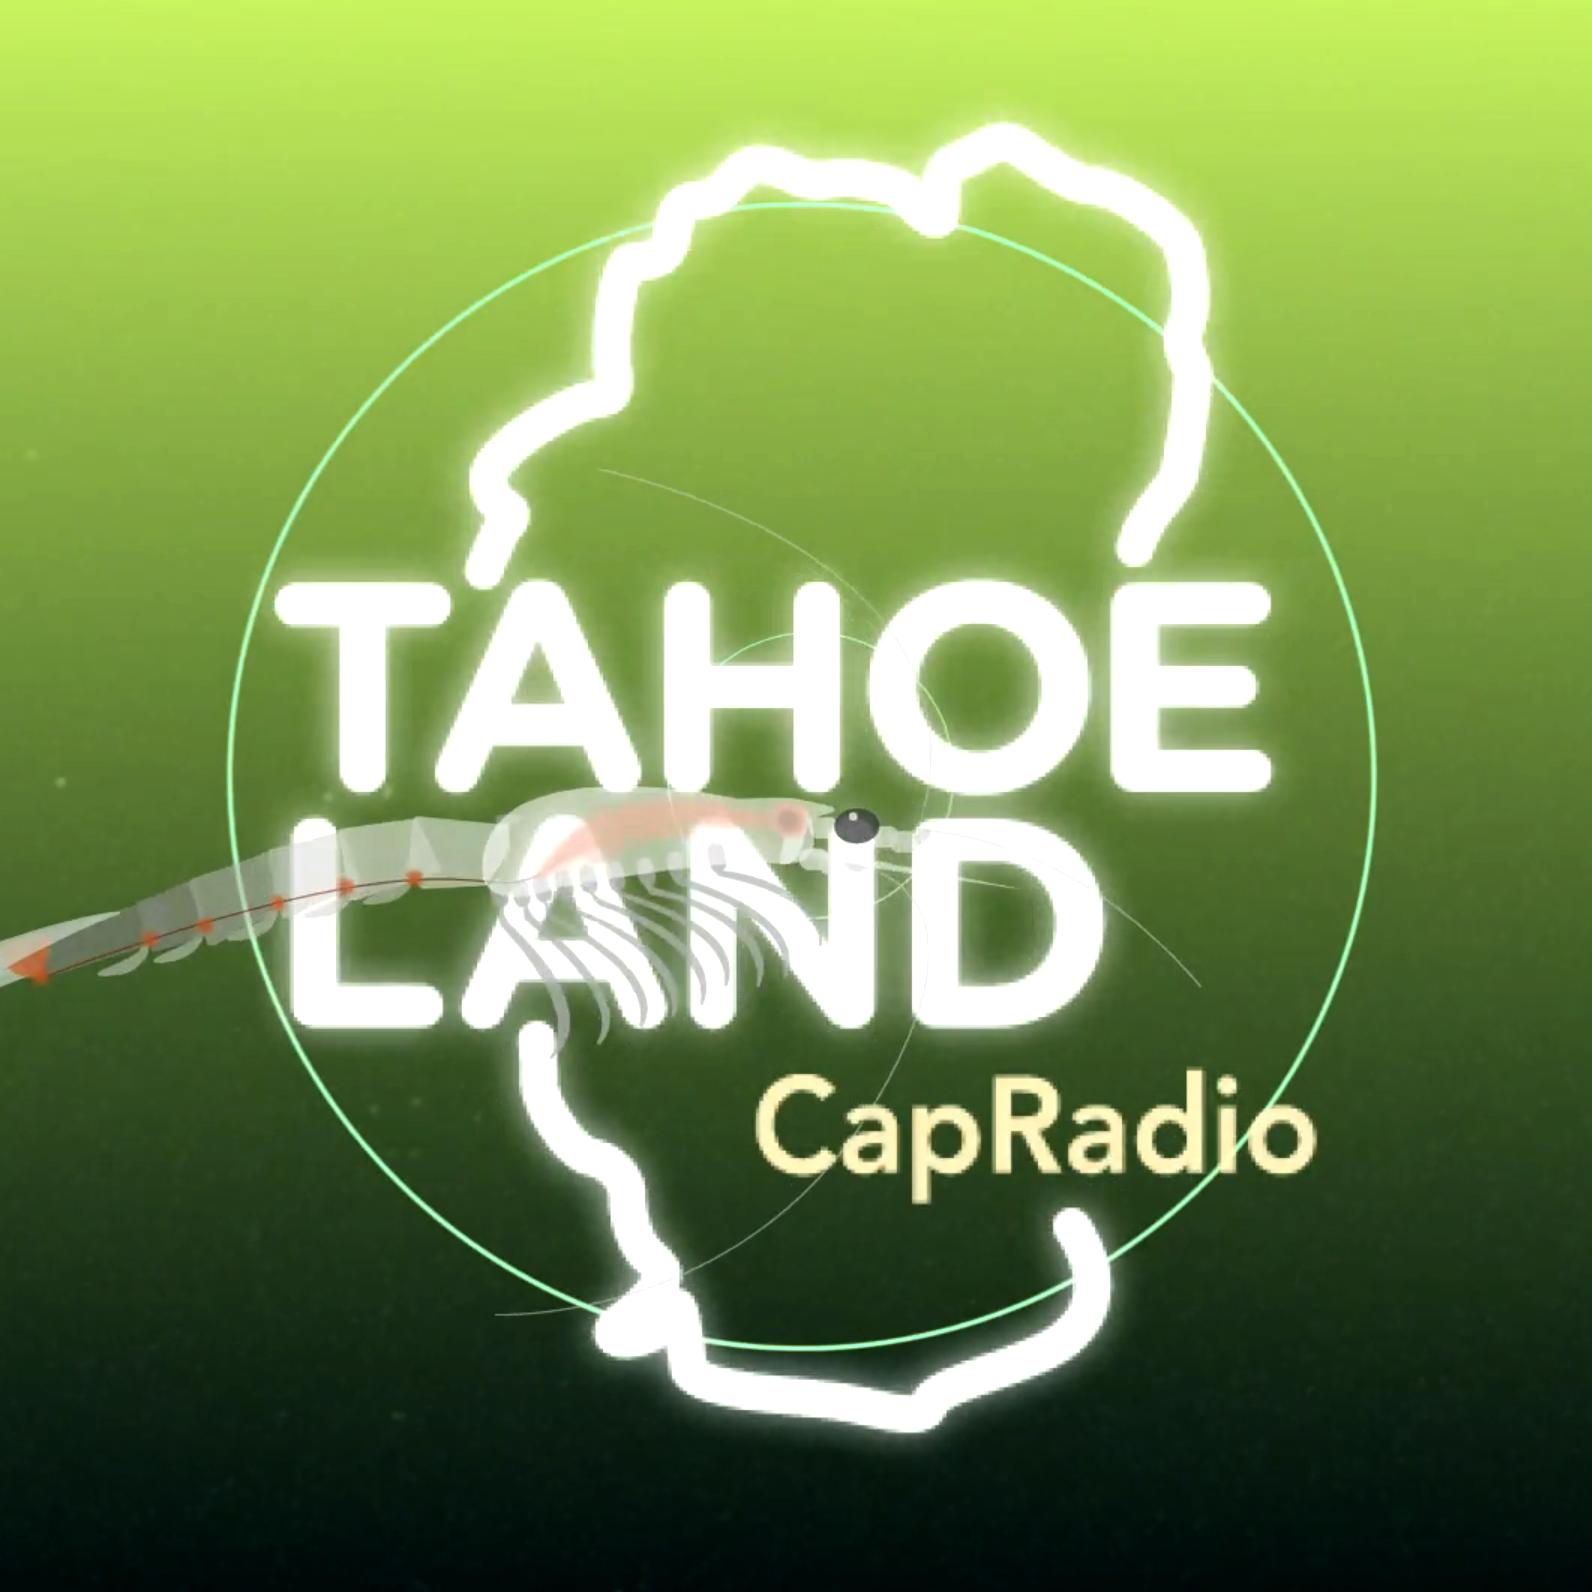 TAHOE LAND